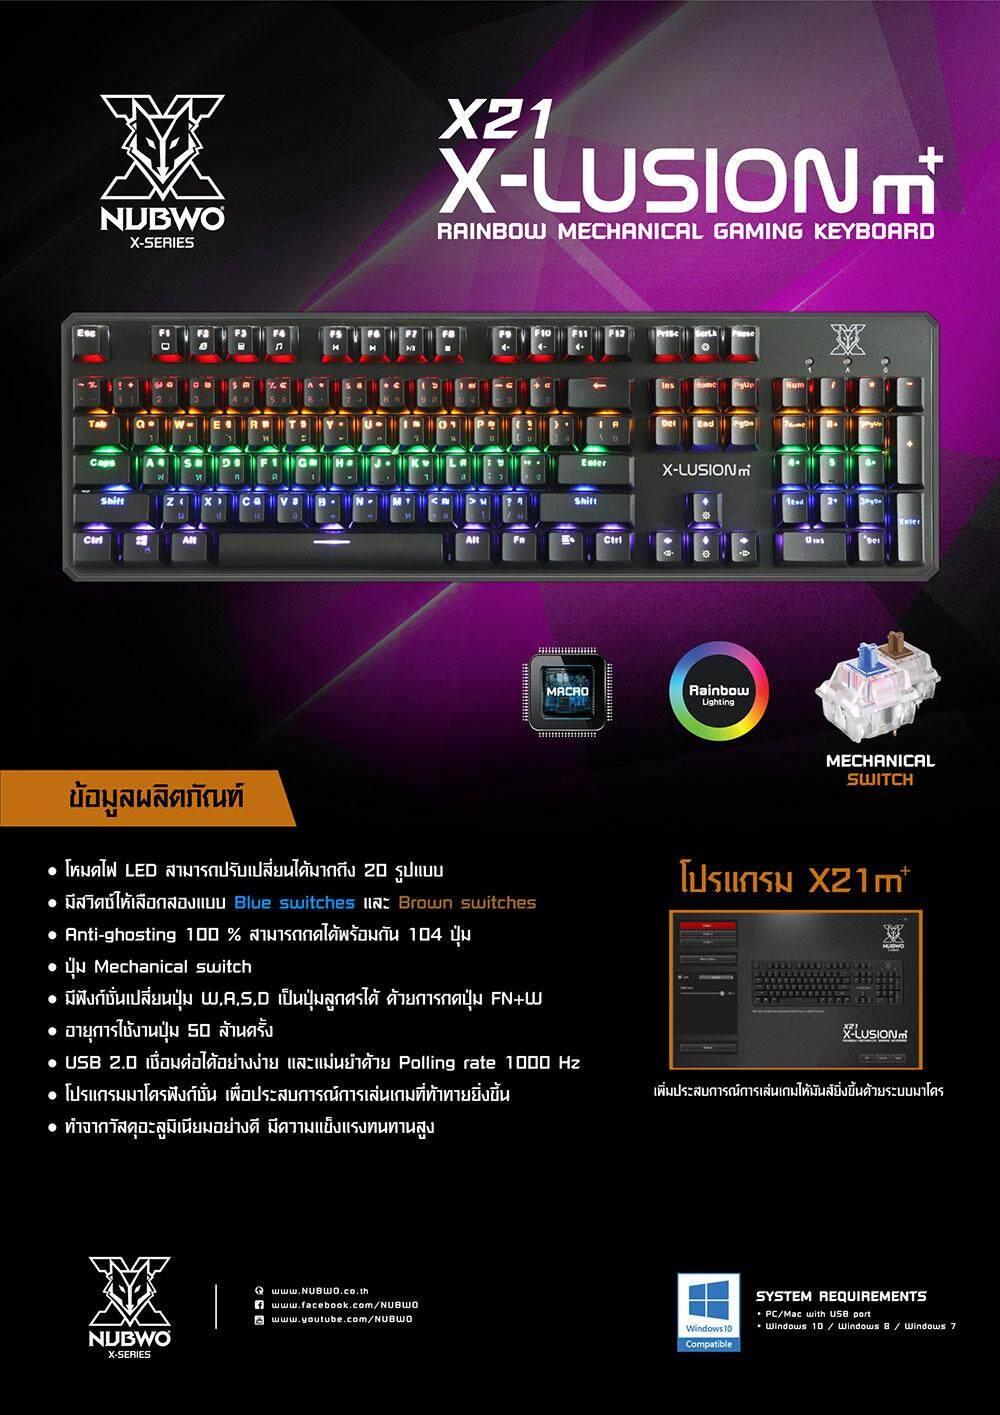 คีย์บอร์ดเกมมิ่ง Nubwo X-Lusion M+ Rainbow Mechanical Gaming Keyboard รุ่น X21.